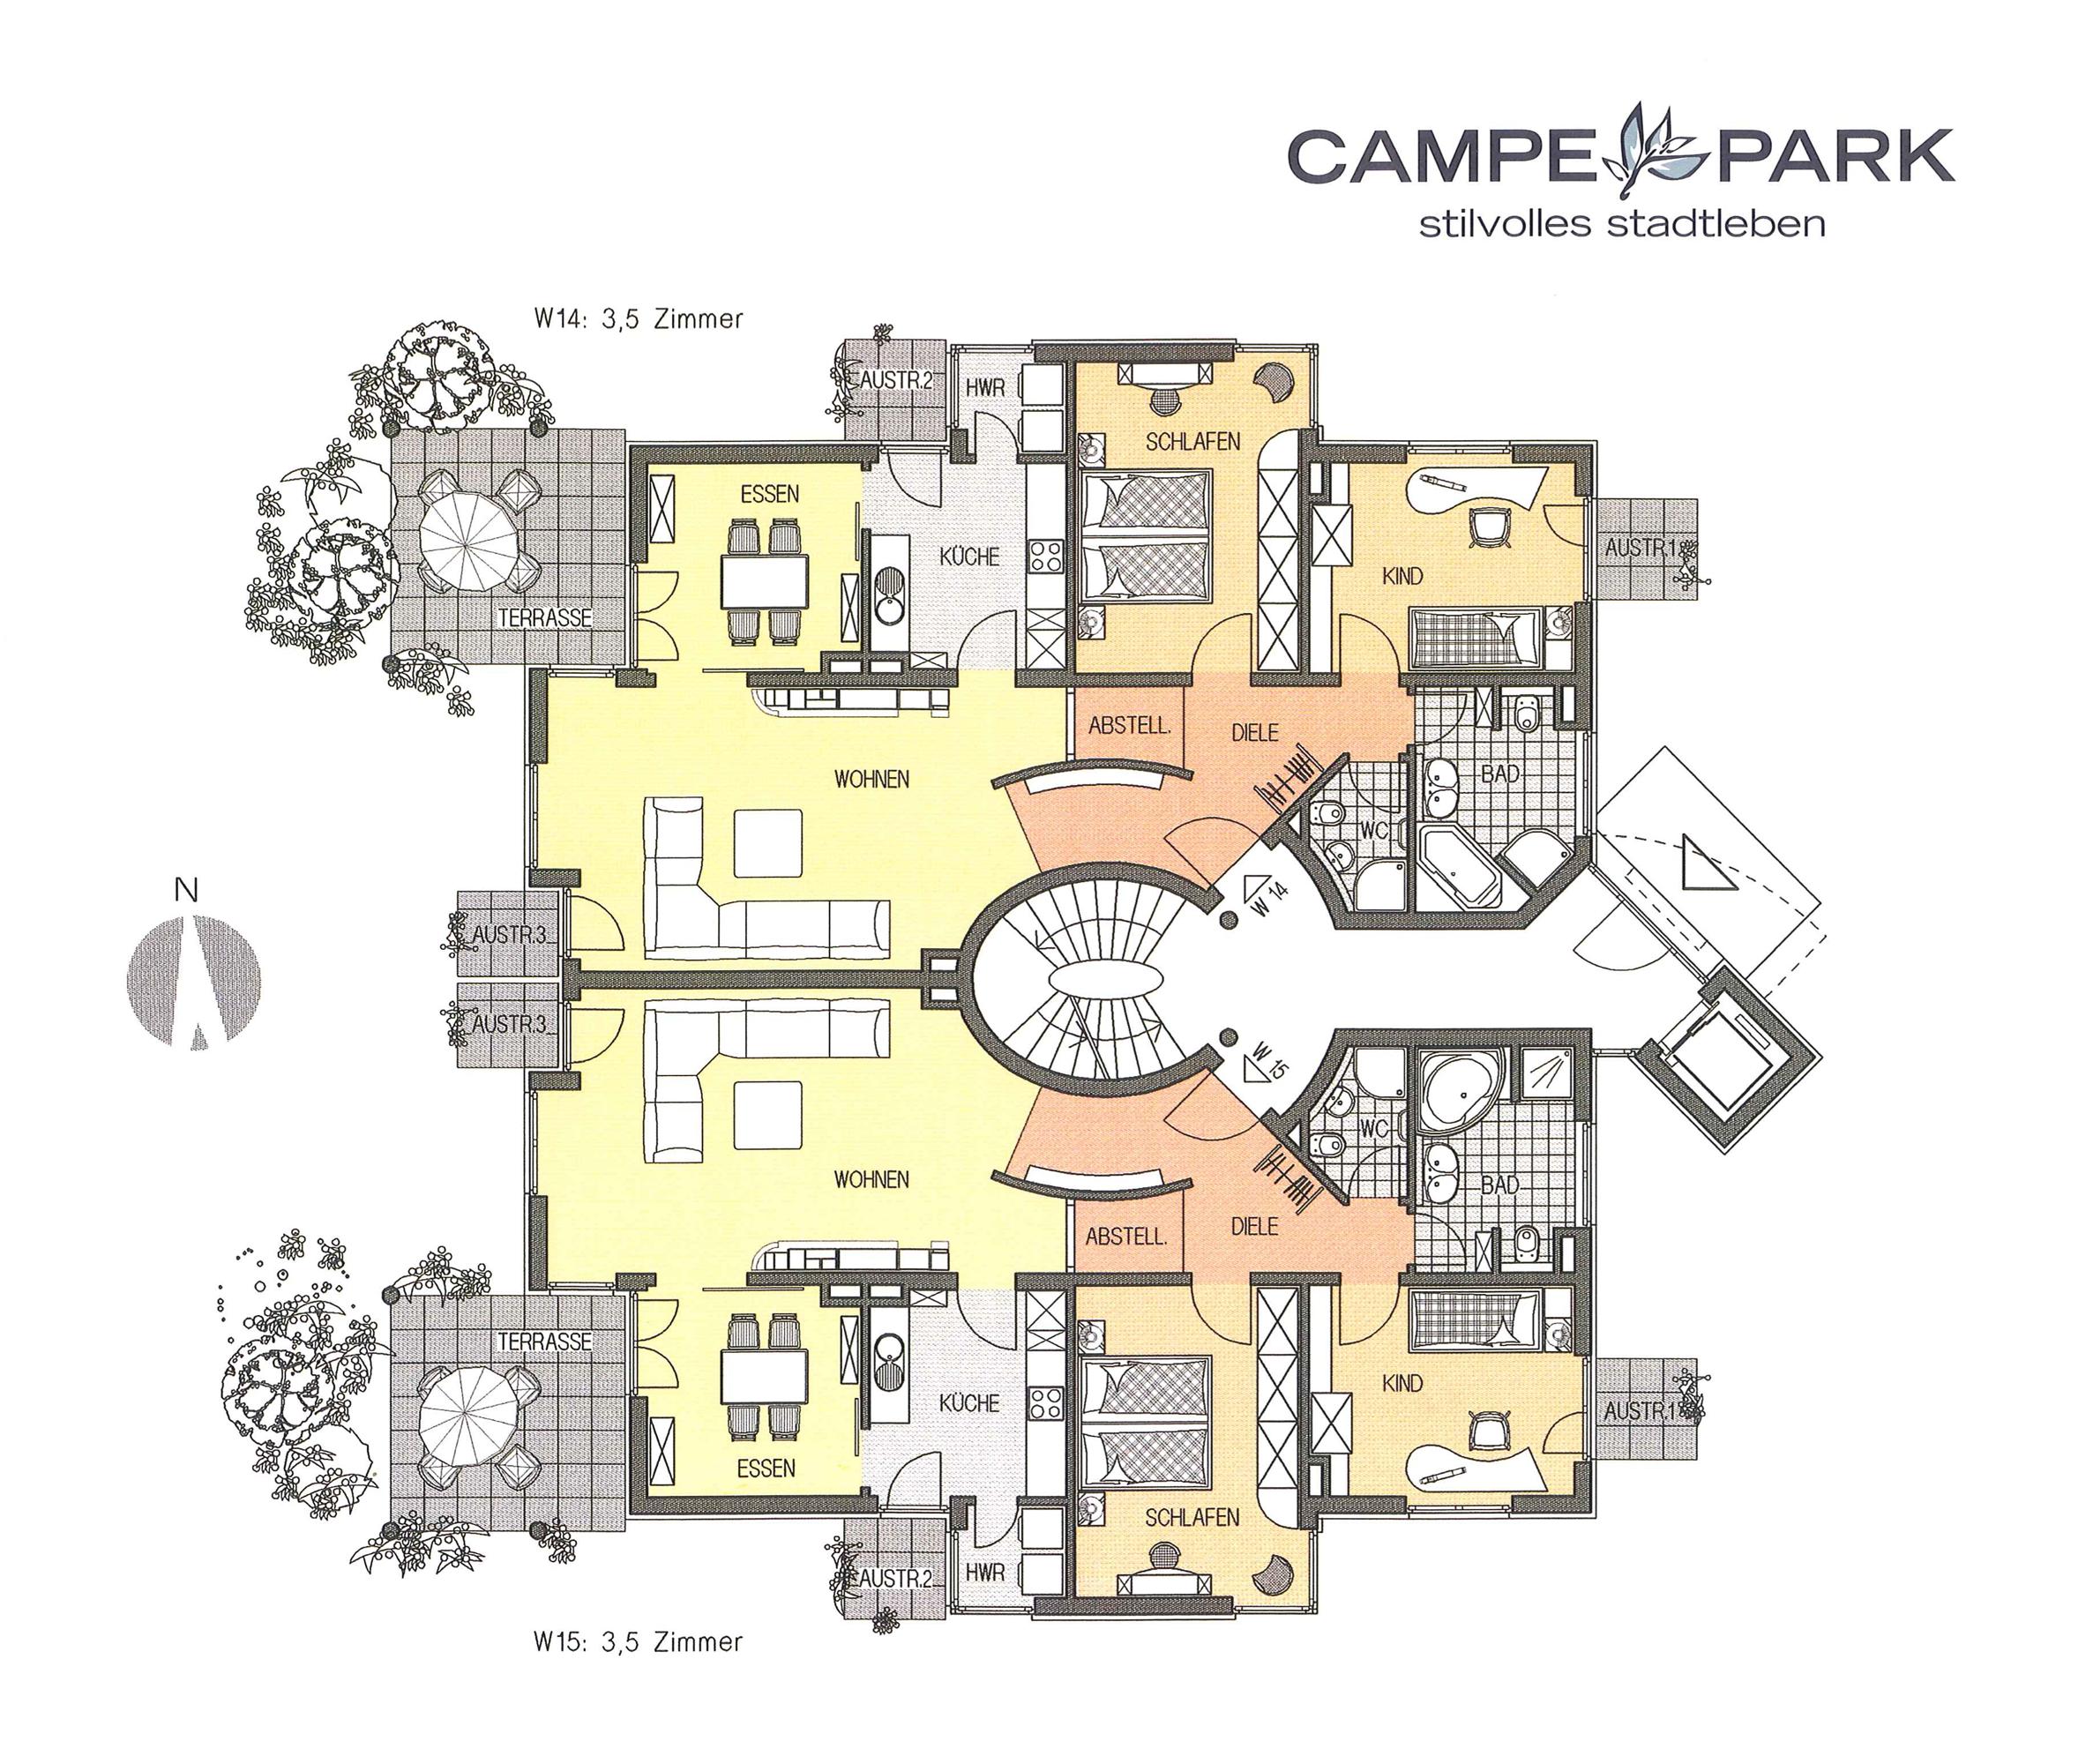 modernes bauen wohnanlage mit b ros und tiefgarage blauhaus architekten. Black Bedroom Furniture Sets. Home Design Ideas